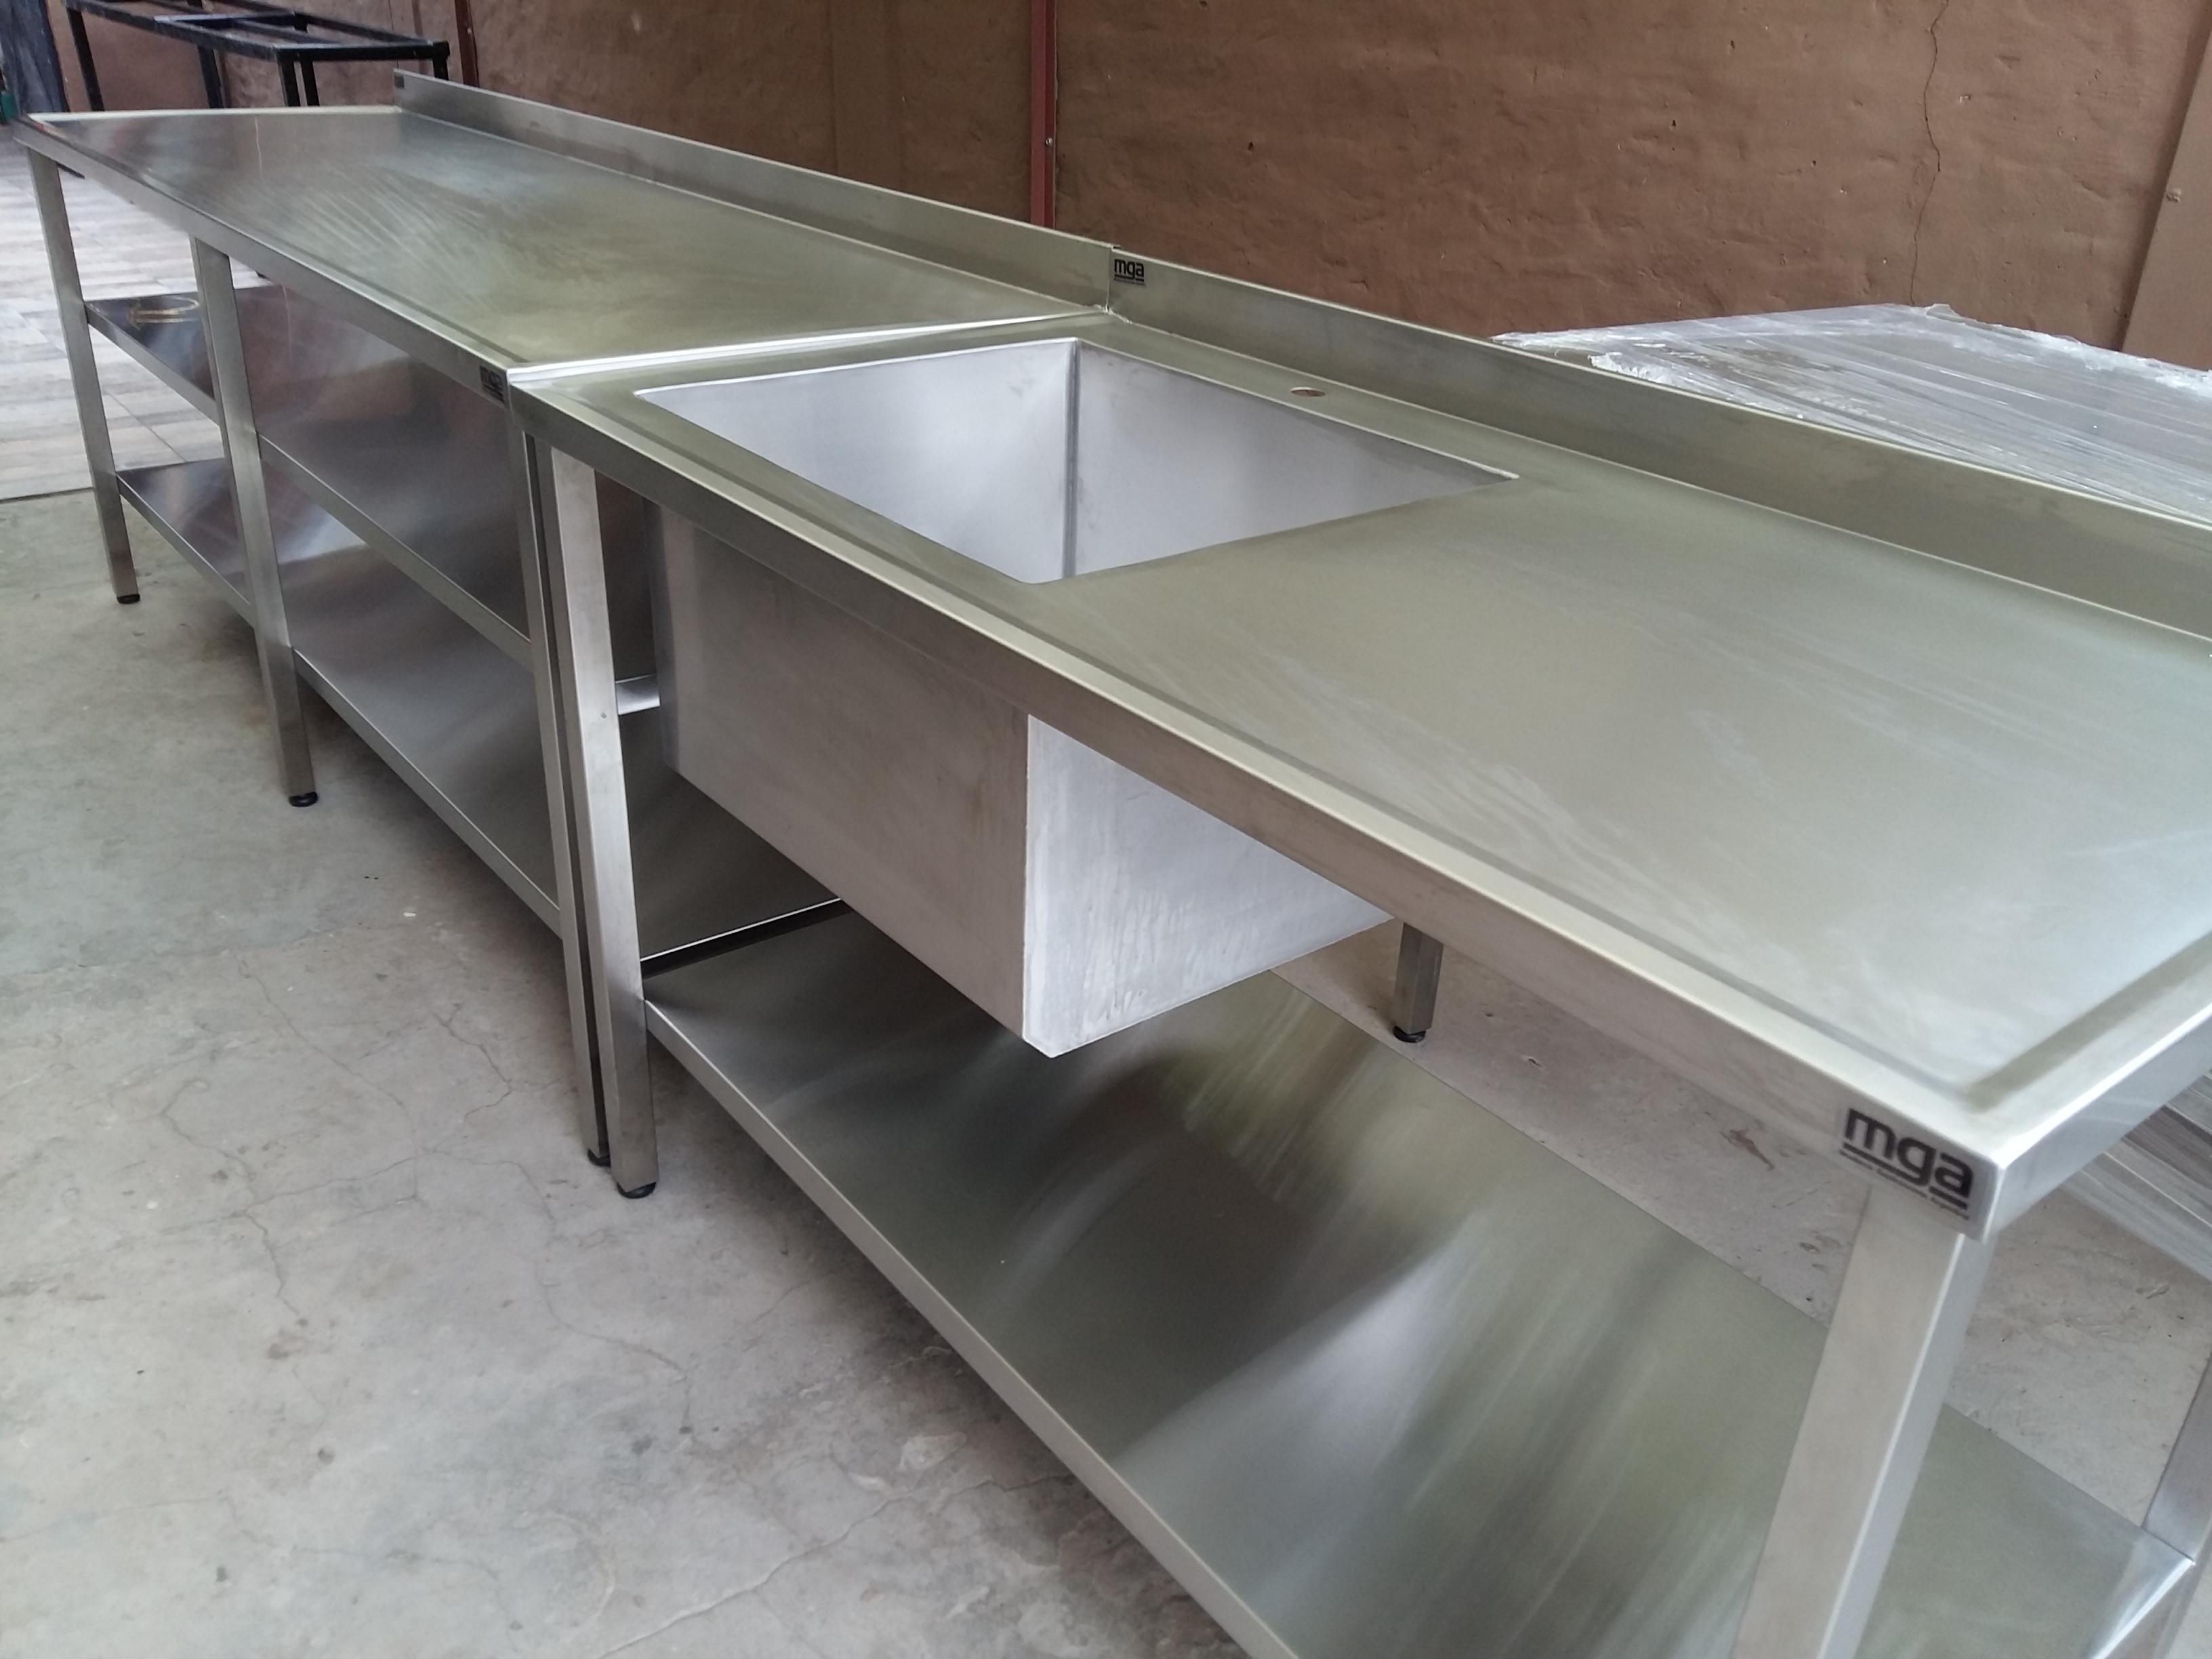 Bachas y mesadas de acero inoxidable para gastronomía zona oeste laboratorio restaurantes